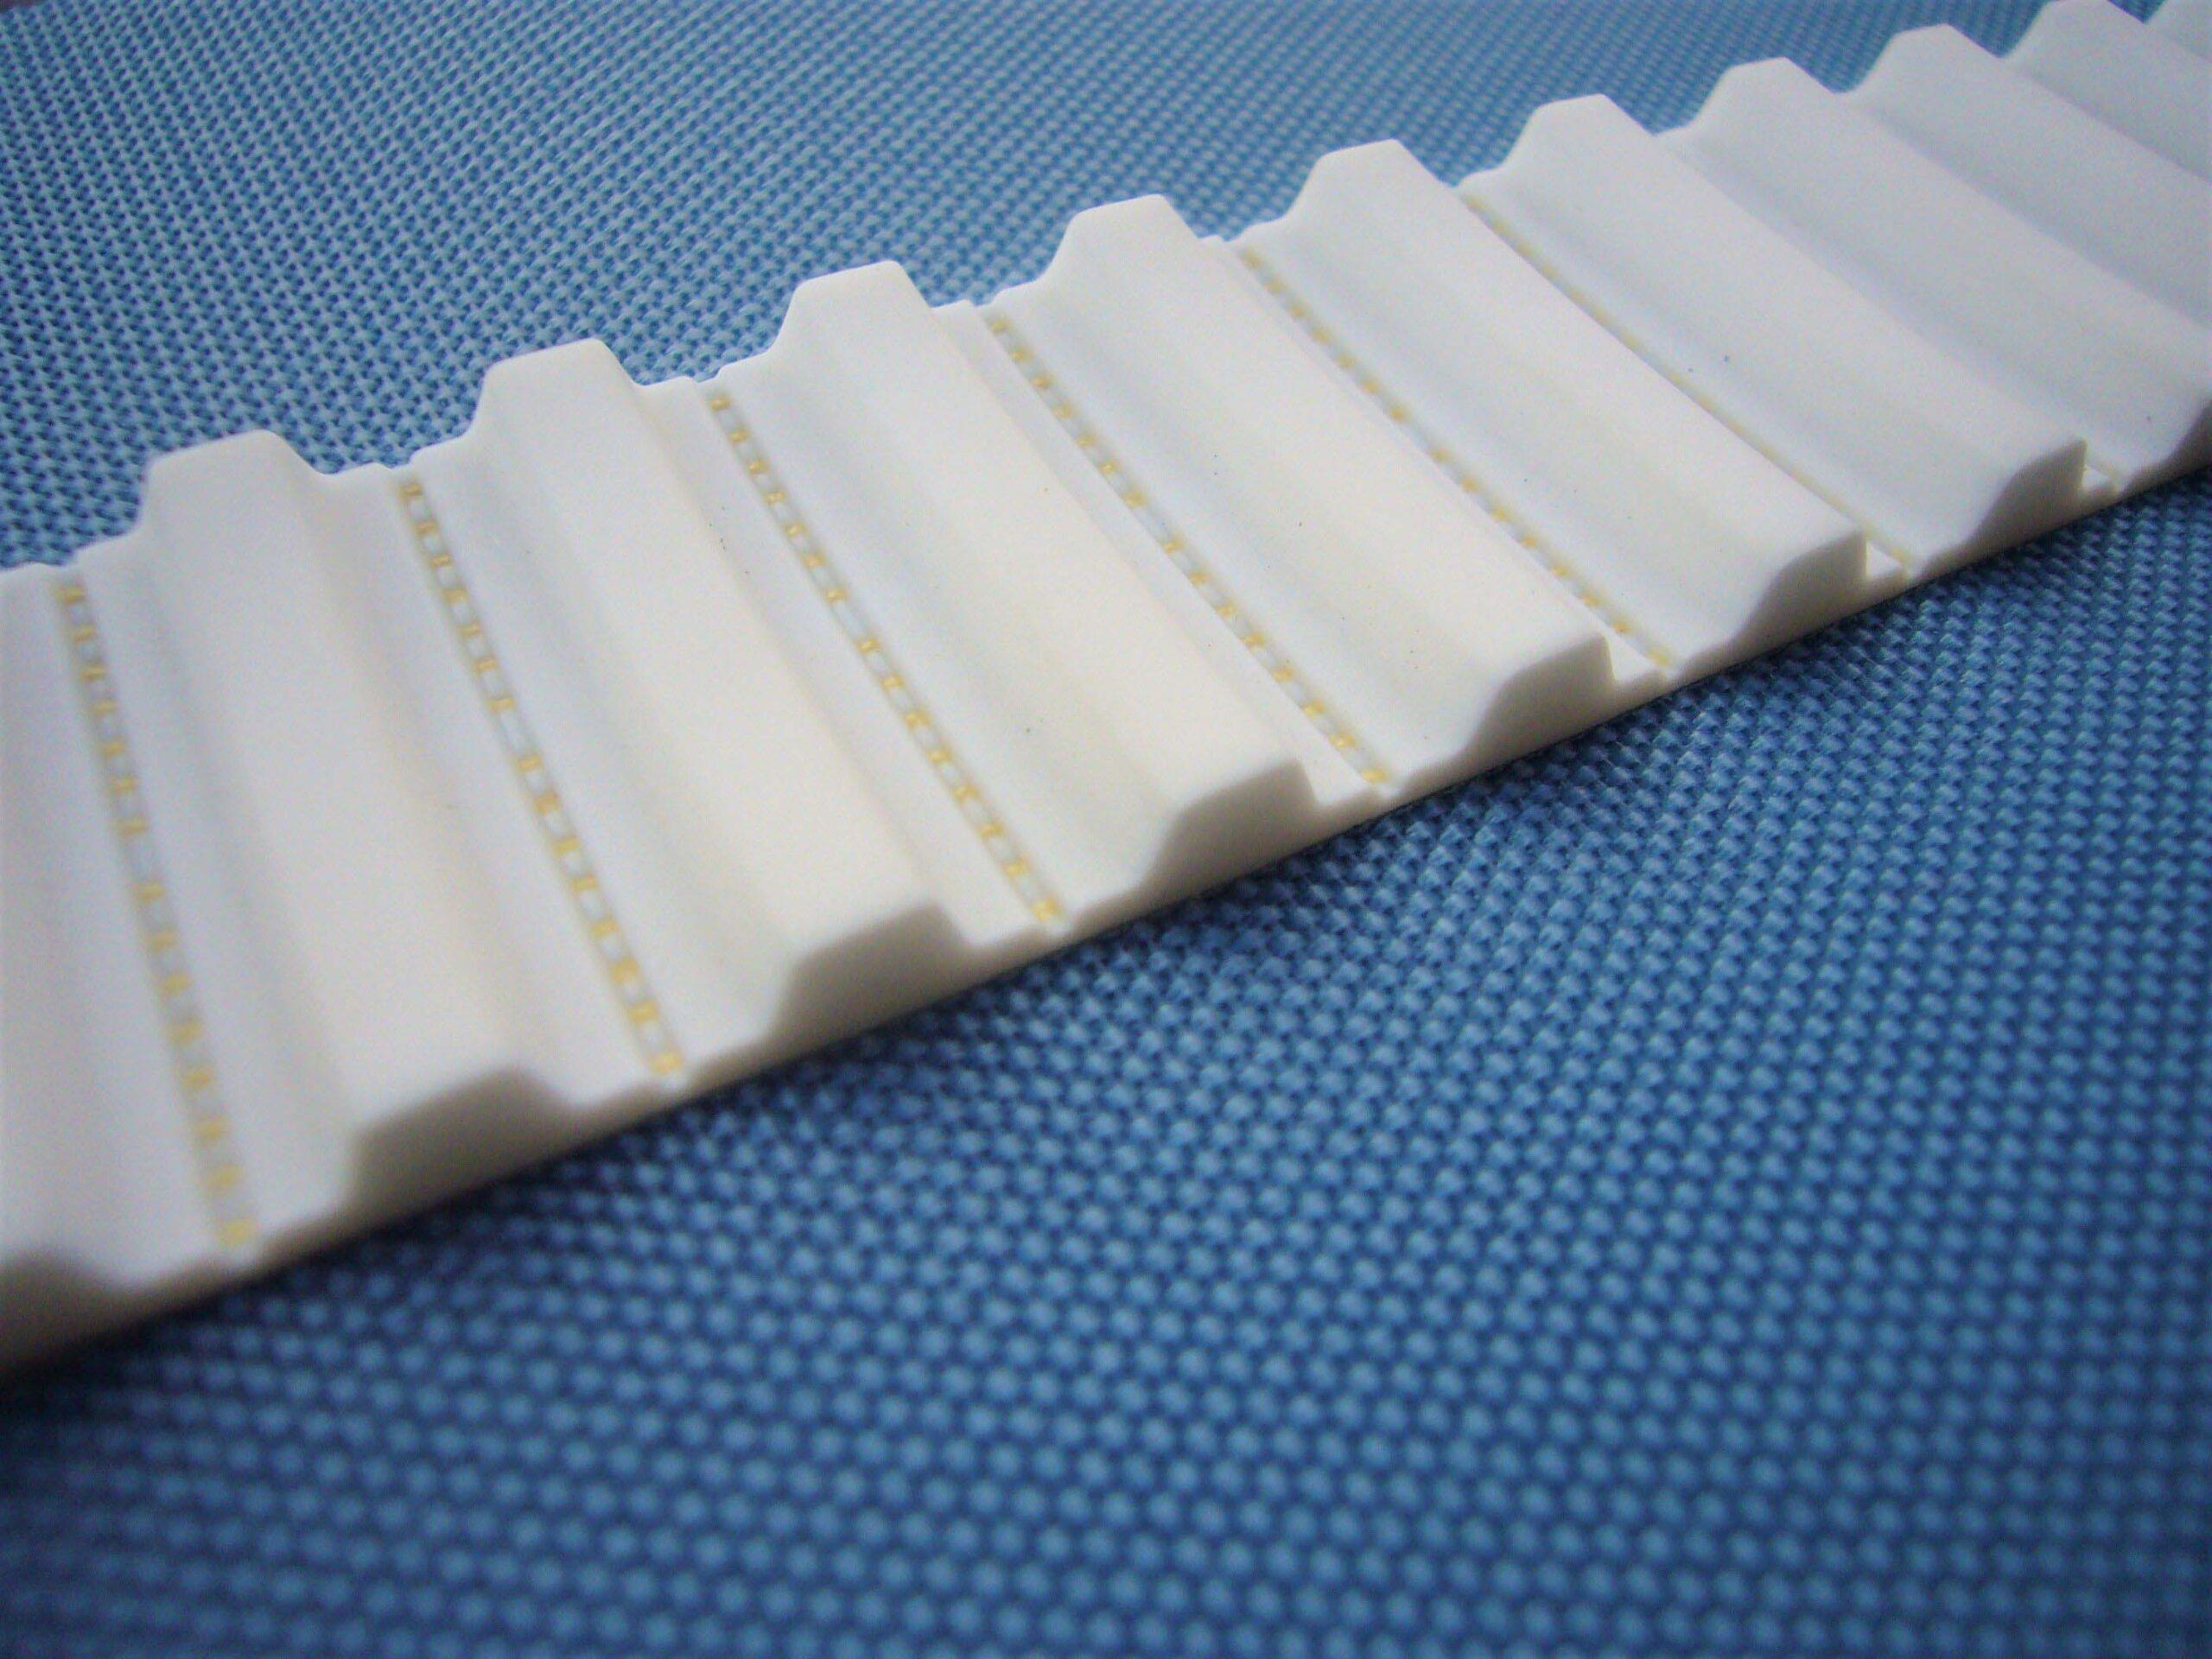 I nastri sincronizzati possono essere realizzati utilizzando materiali a normativa FDA